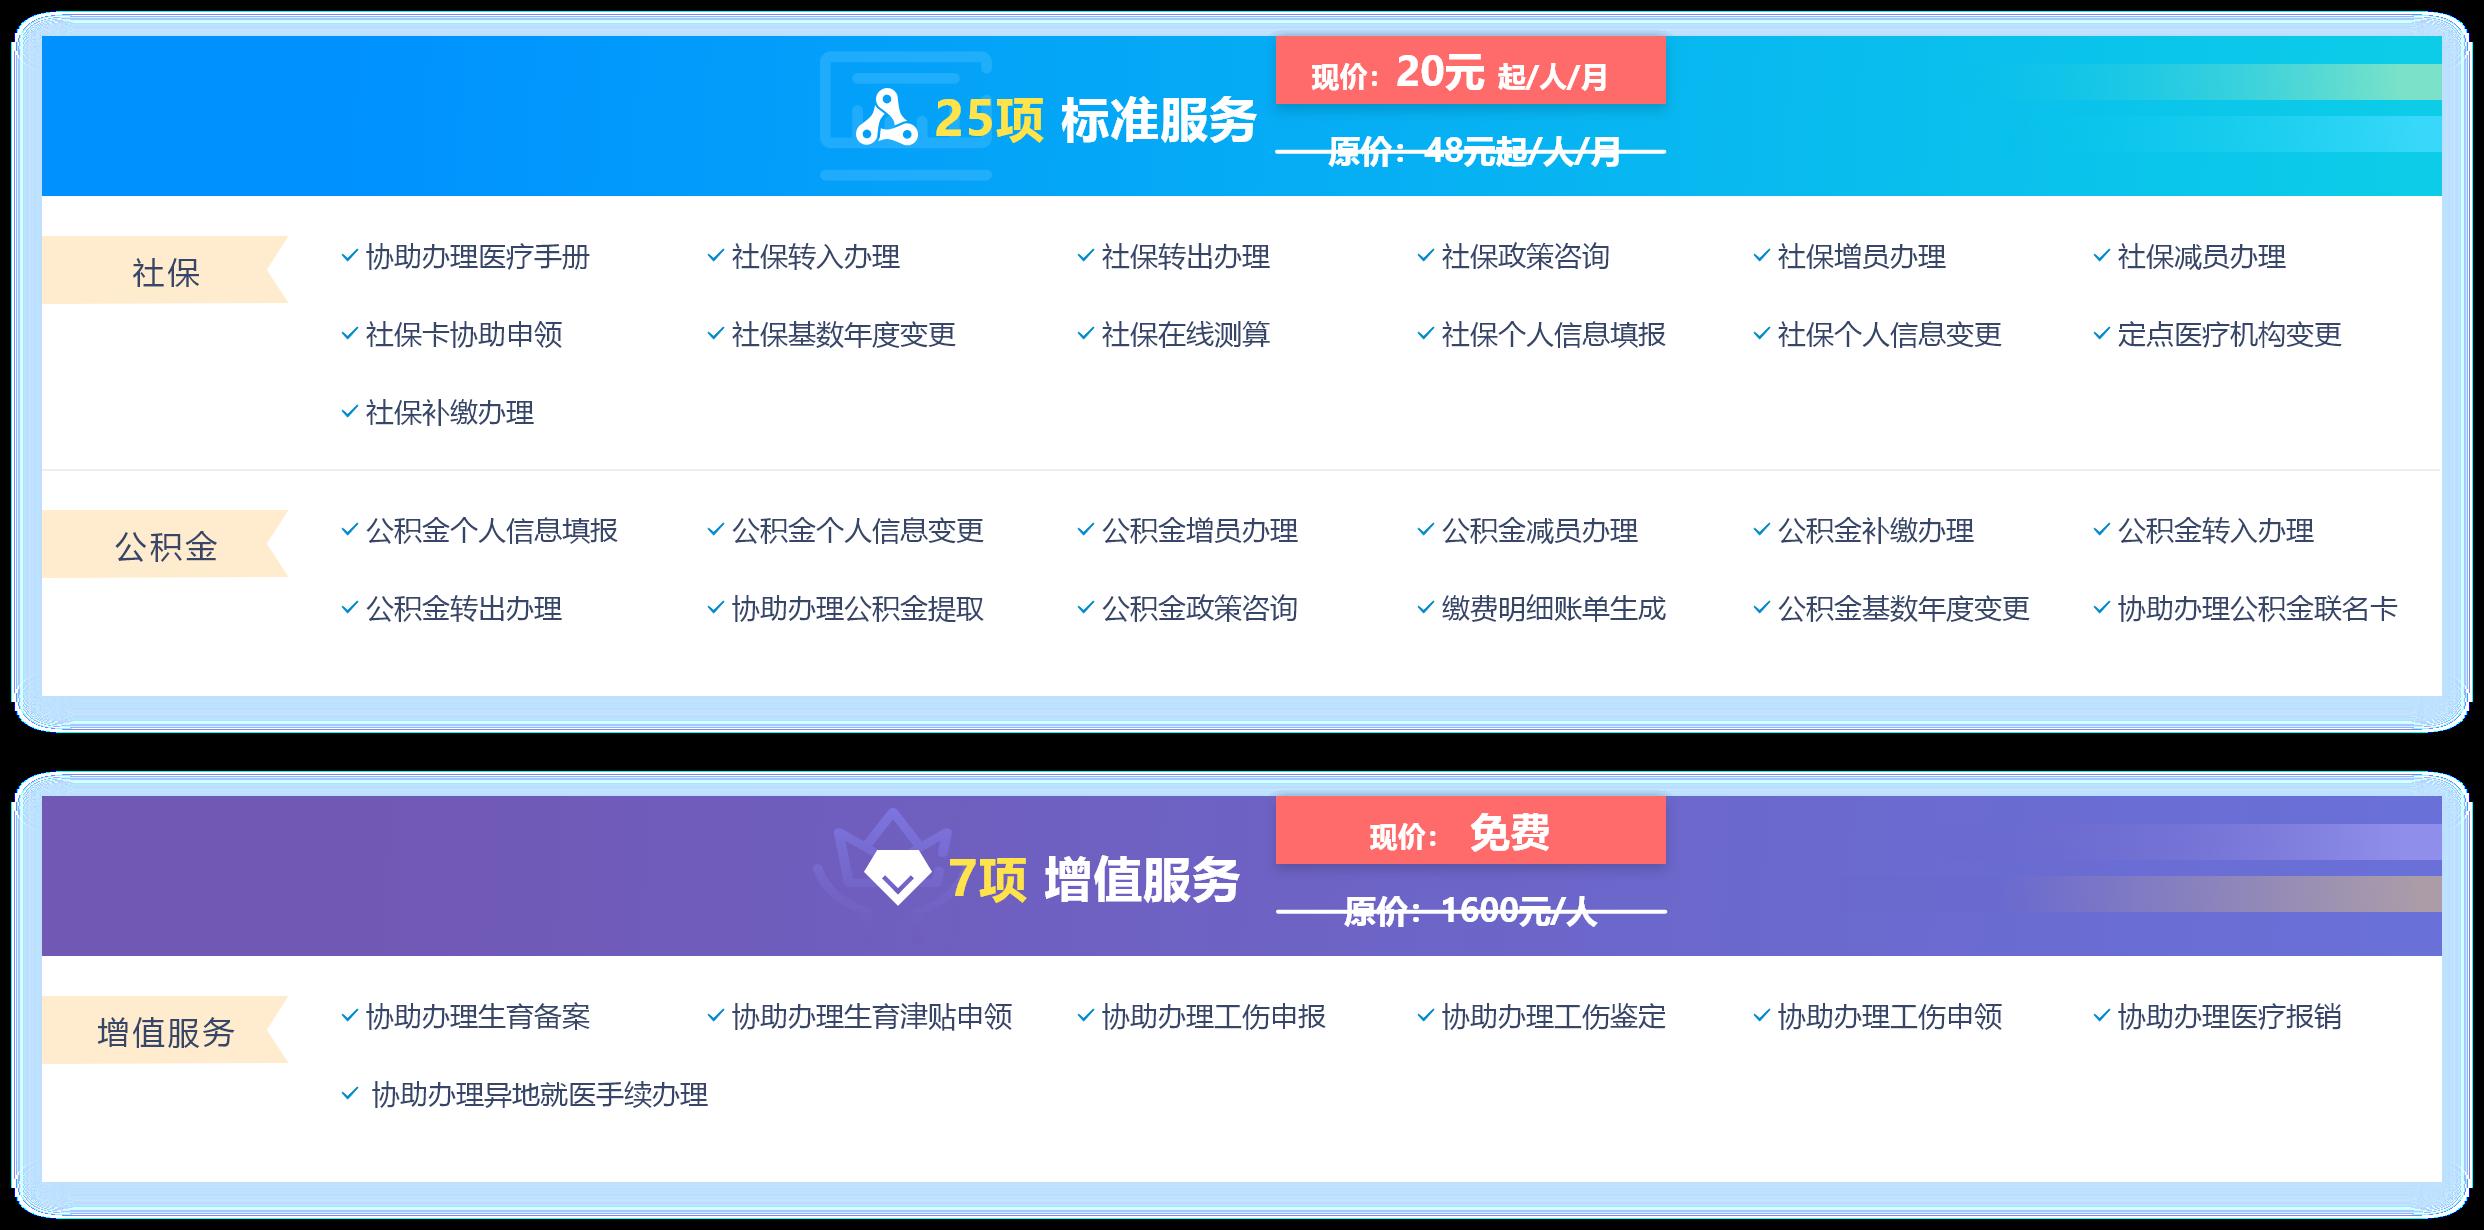 365bet中文官方网站百科